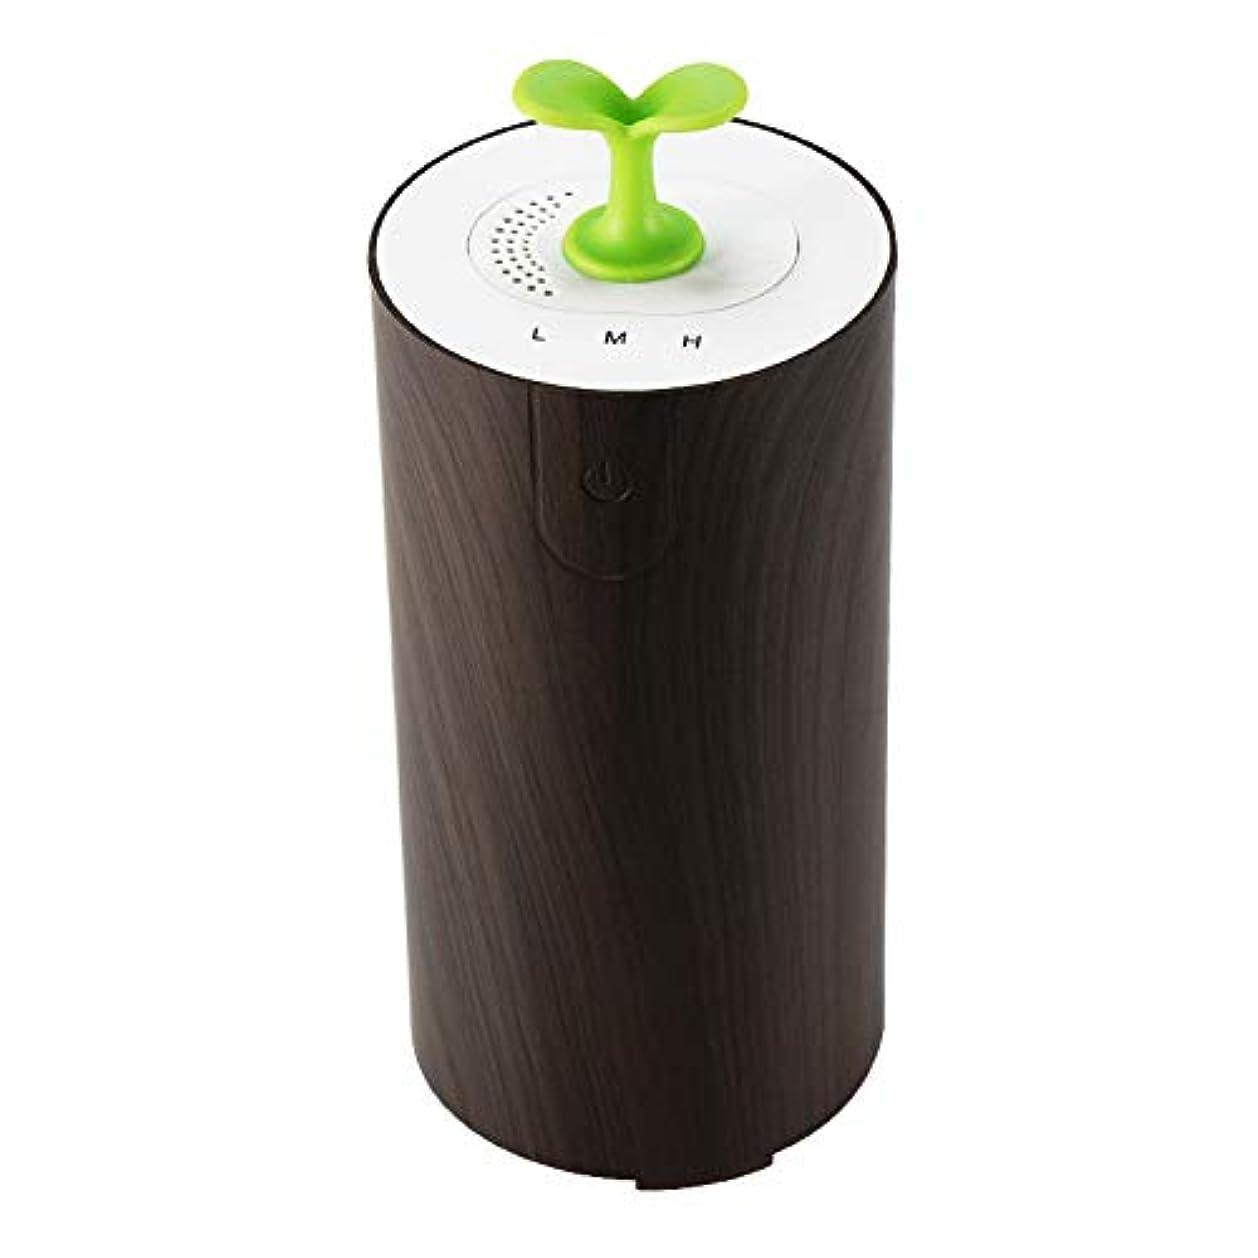 芝生熱帯の可聴車のアロマテラピーマシン清浄機、エッセンシャルオイルディフューザー多機能USBアロマ加湿器、水なし低燃費,Deepwoodgrain